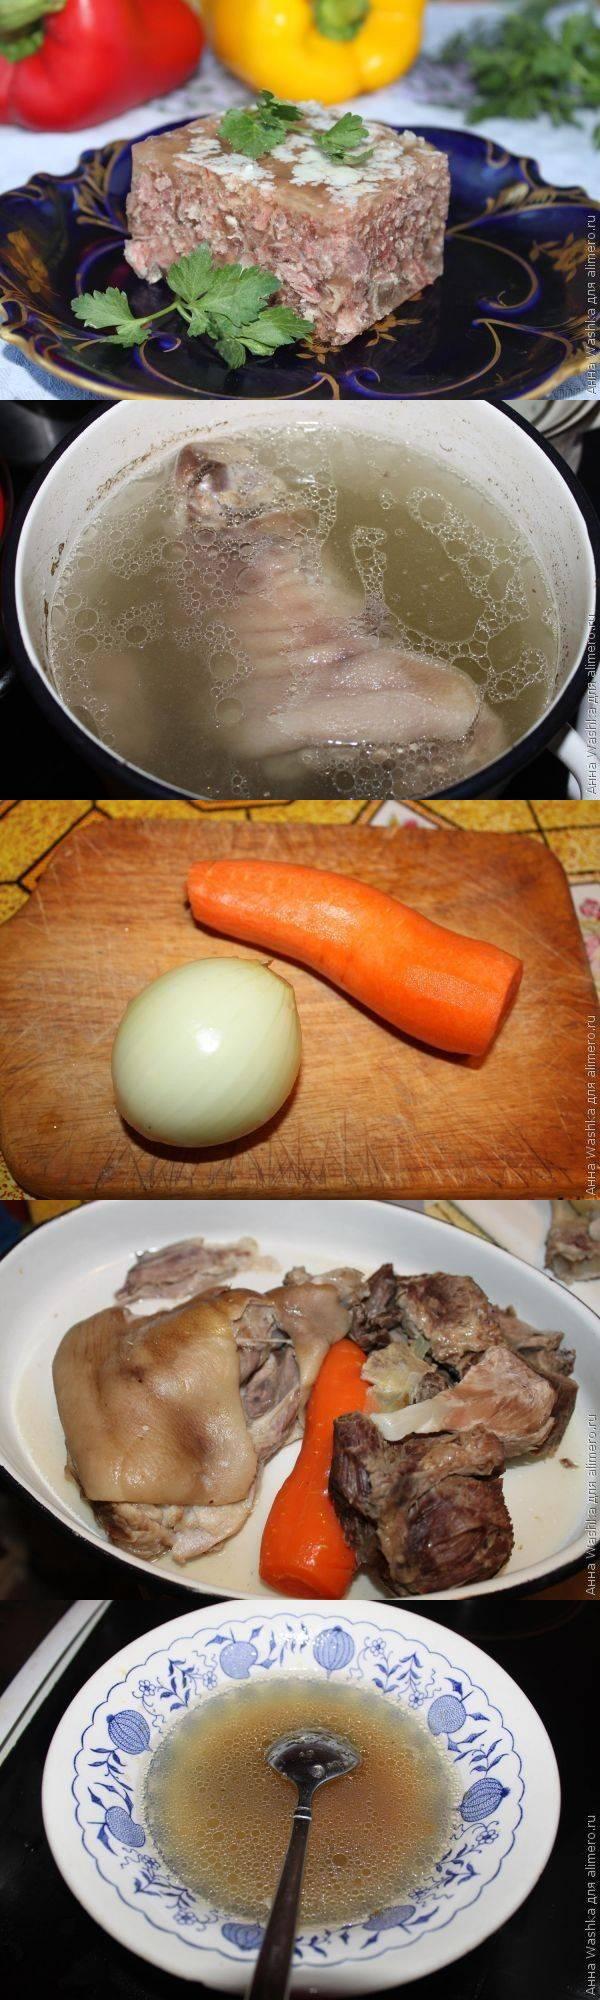 Холодец рецепт пошагово из свинины и говядины в